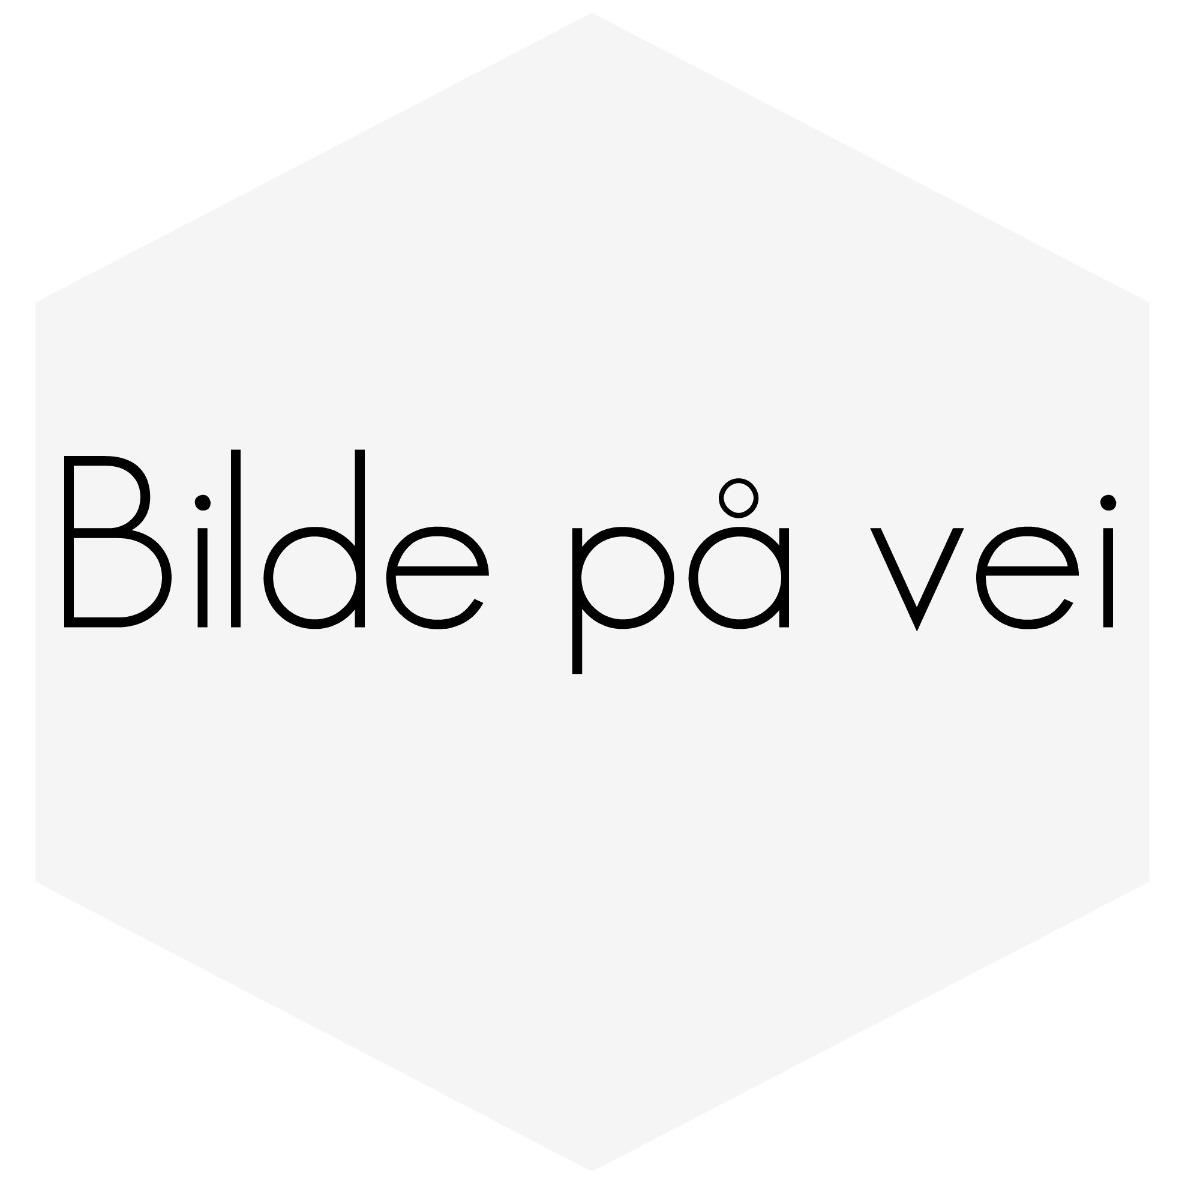 SILIKONSLANGE RØD FLEXIBEL GLATT 1,18'' (30MM)